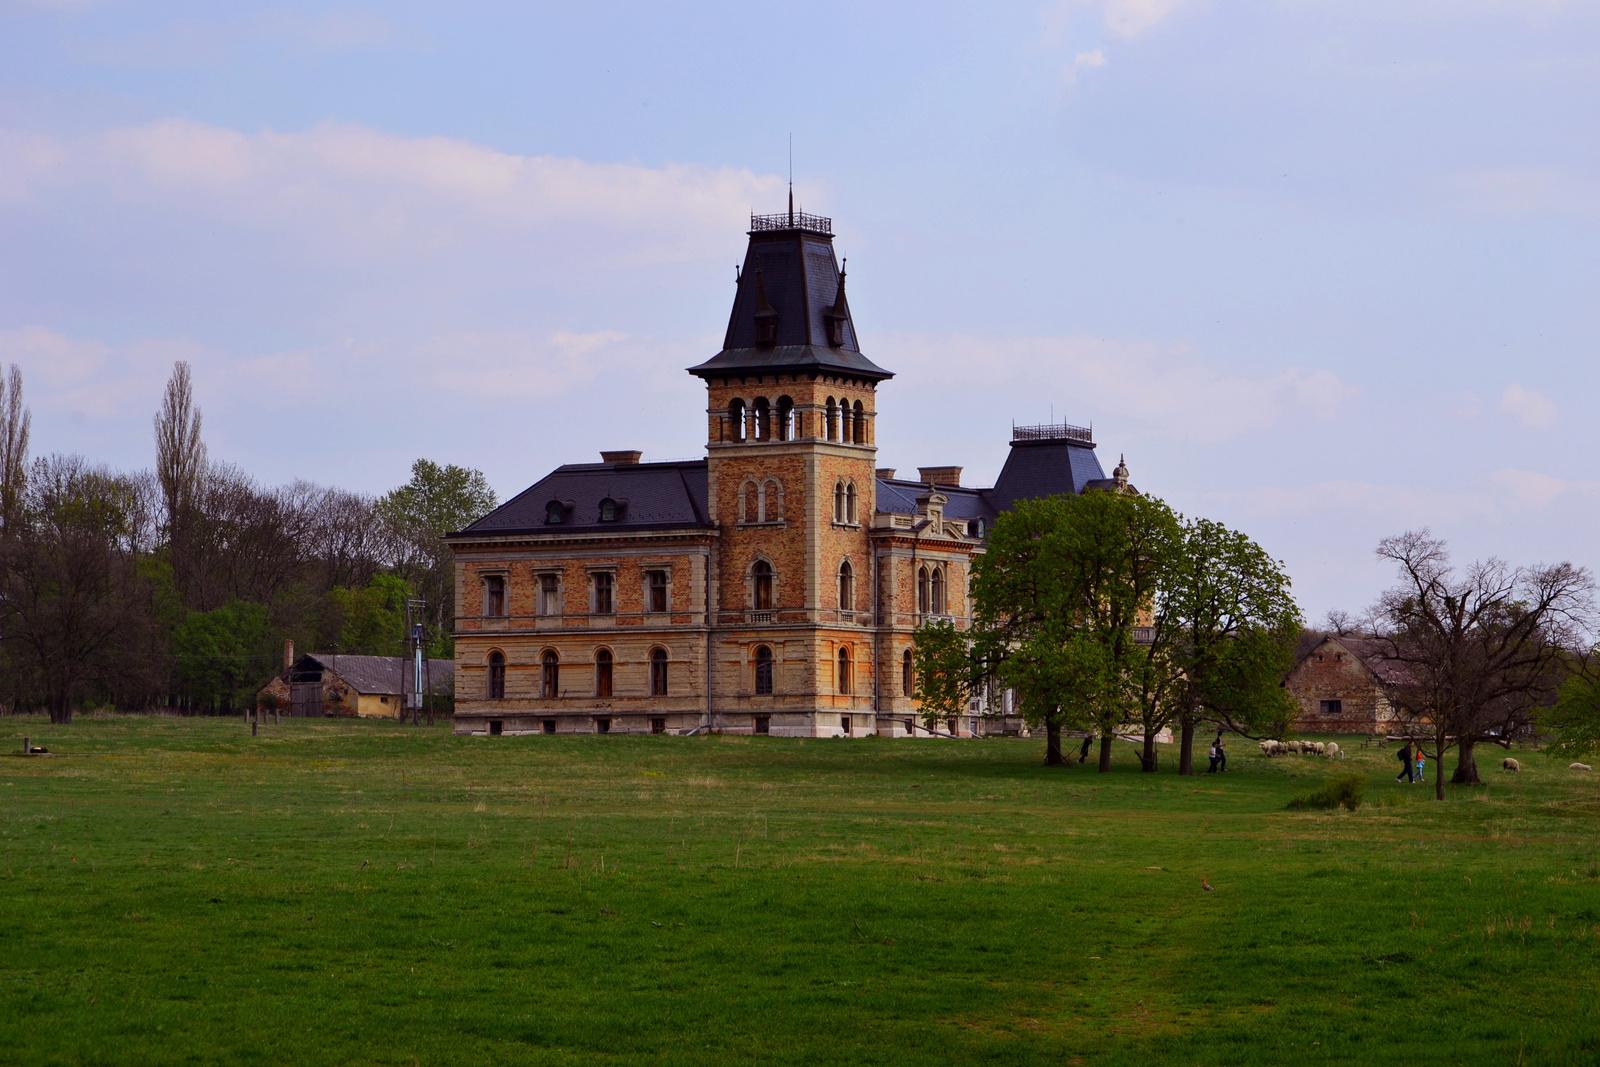 Kégl kastély